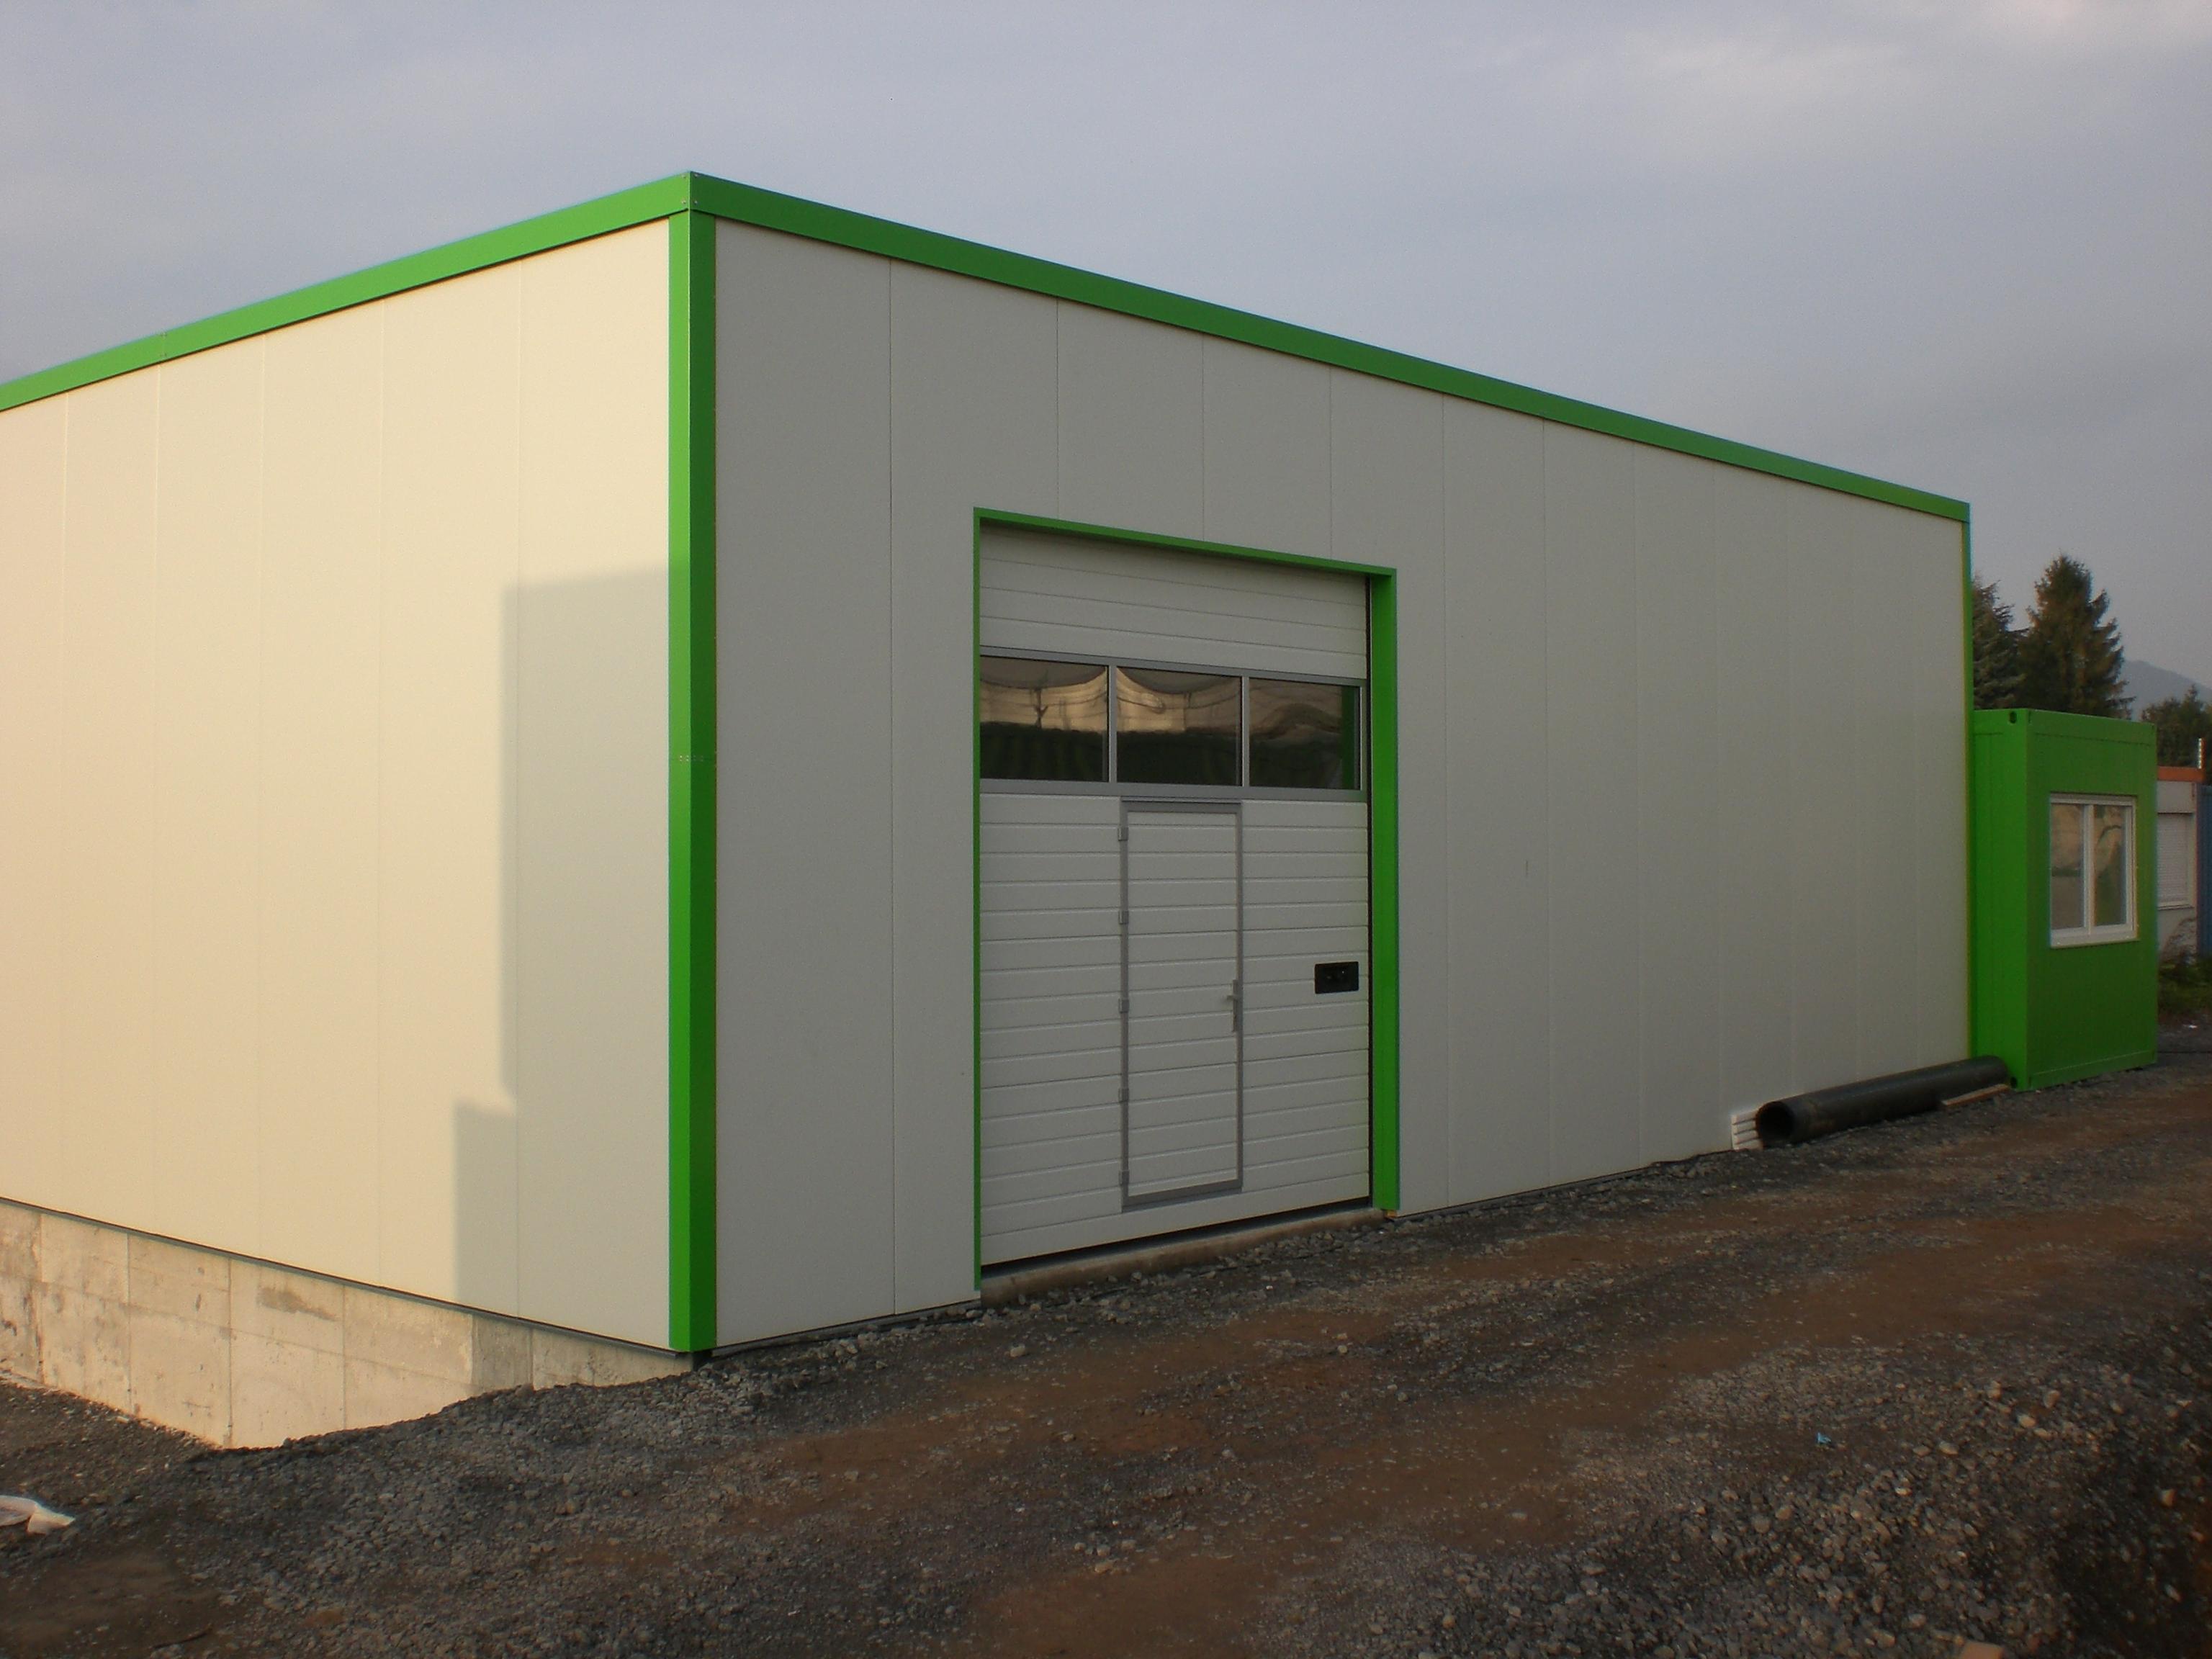 nicht isolierte systemhallen lagerhallen nicht isolierte systemhallen lagerhallen. Black Bedroom Furniture Sets. Home Design Ideas